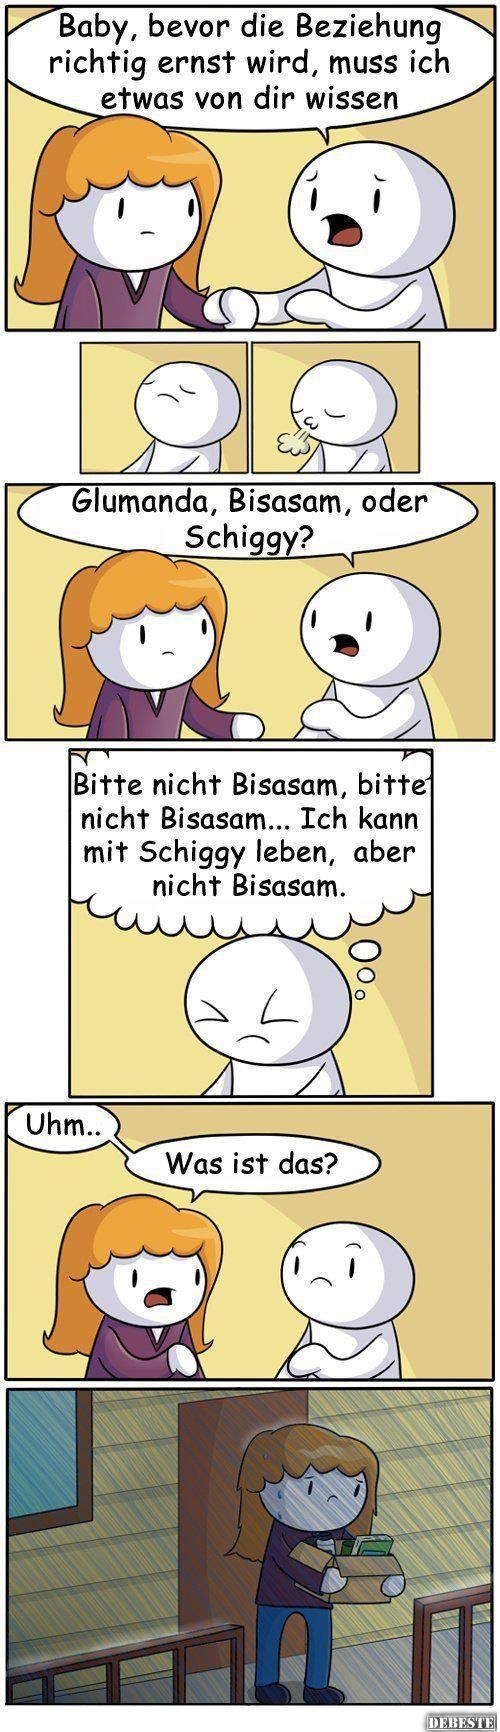 Glumanda, Bisasam oder Schiggy? | Lustige Bilder, Sprüche, Witze, echt lustig #comicsandcartoons